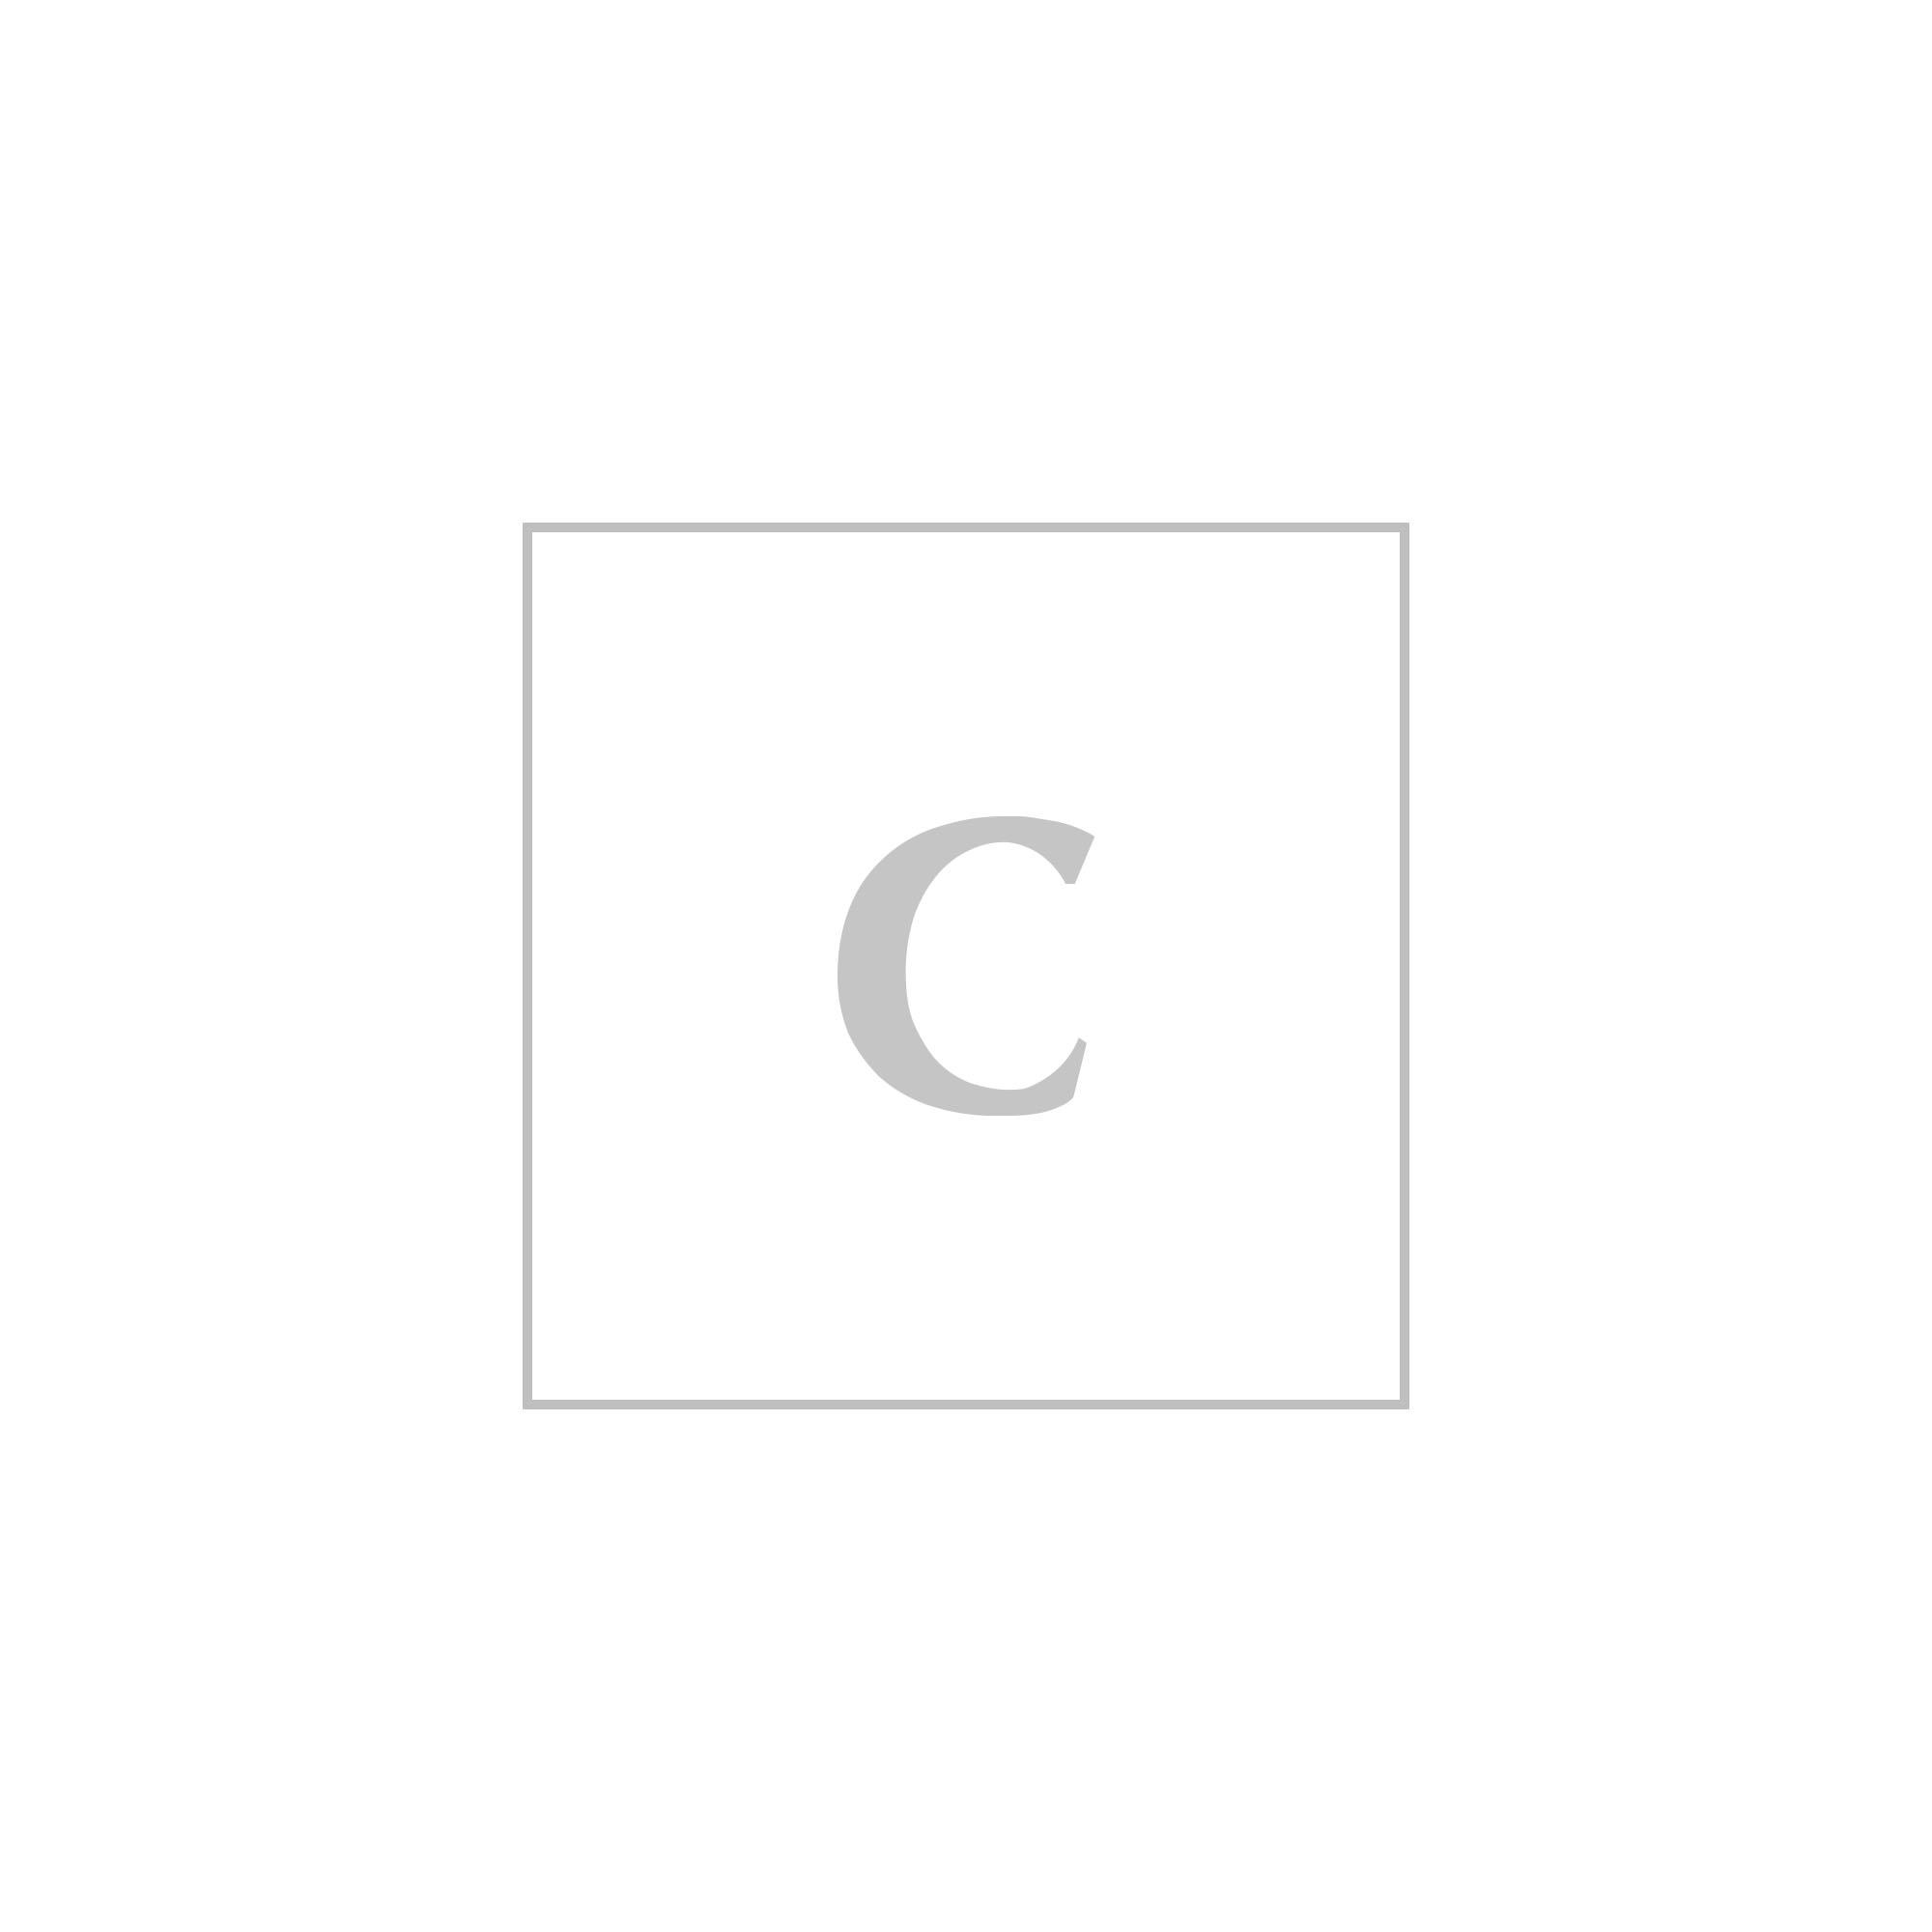 STELLA MCCARTNEY Cottons VISCOSE KNIT TROUSERS